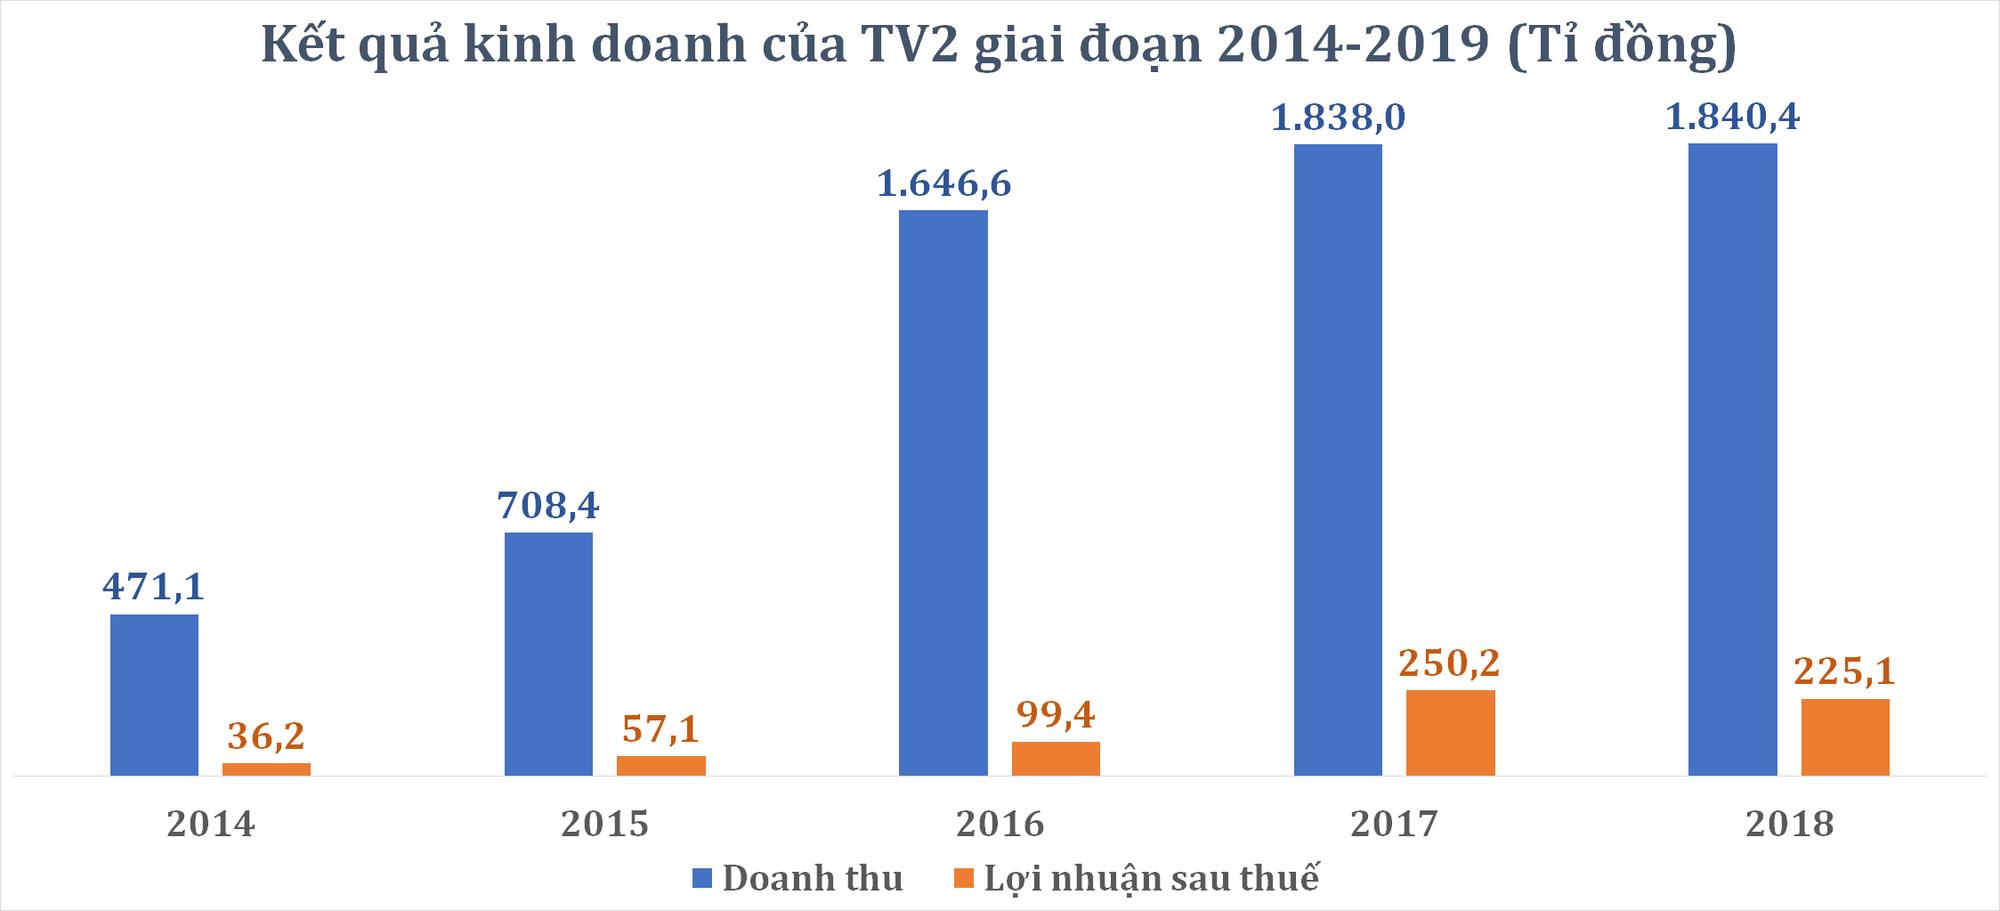 Ngoài EPS và thị giá khủng, 'hành trang' của TV2 có gì khi chuyển niêm yết sang HOSE? - Ảnh 4.